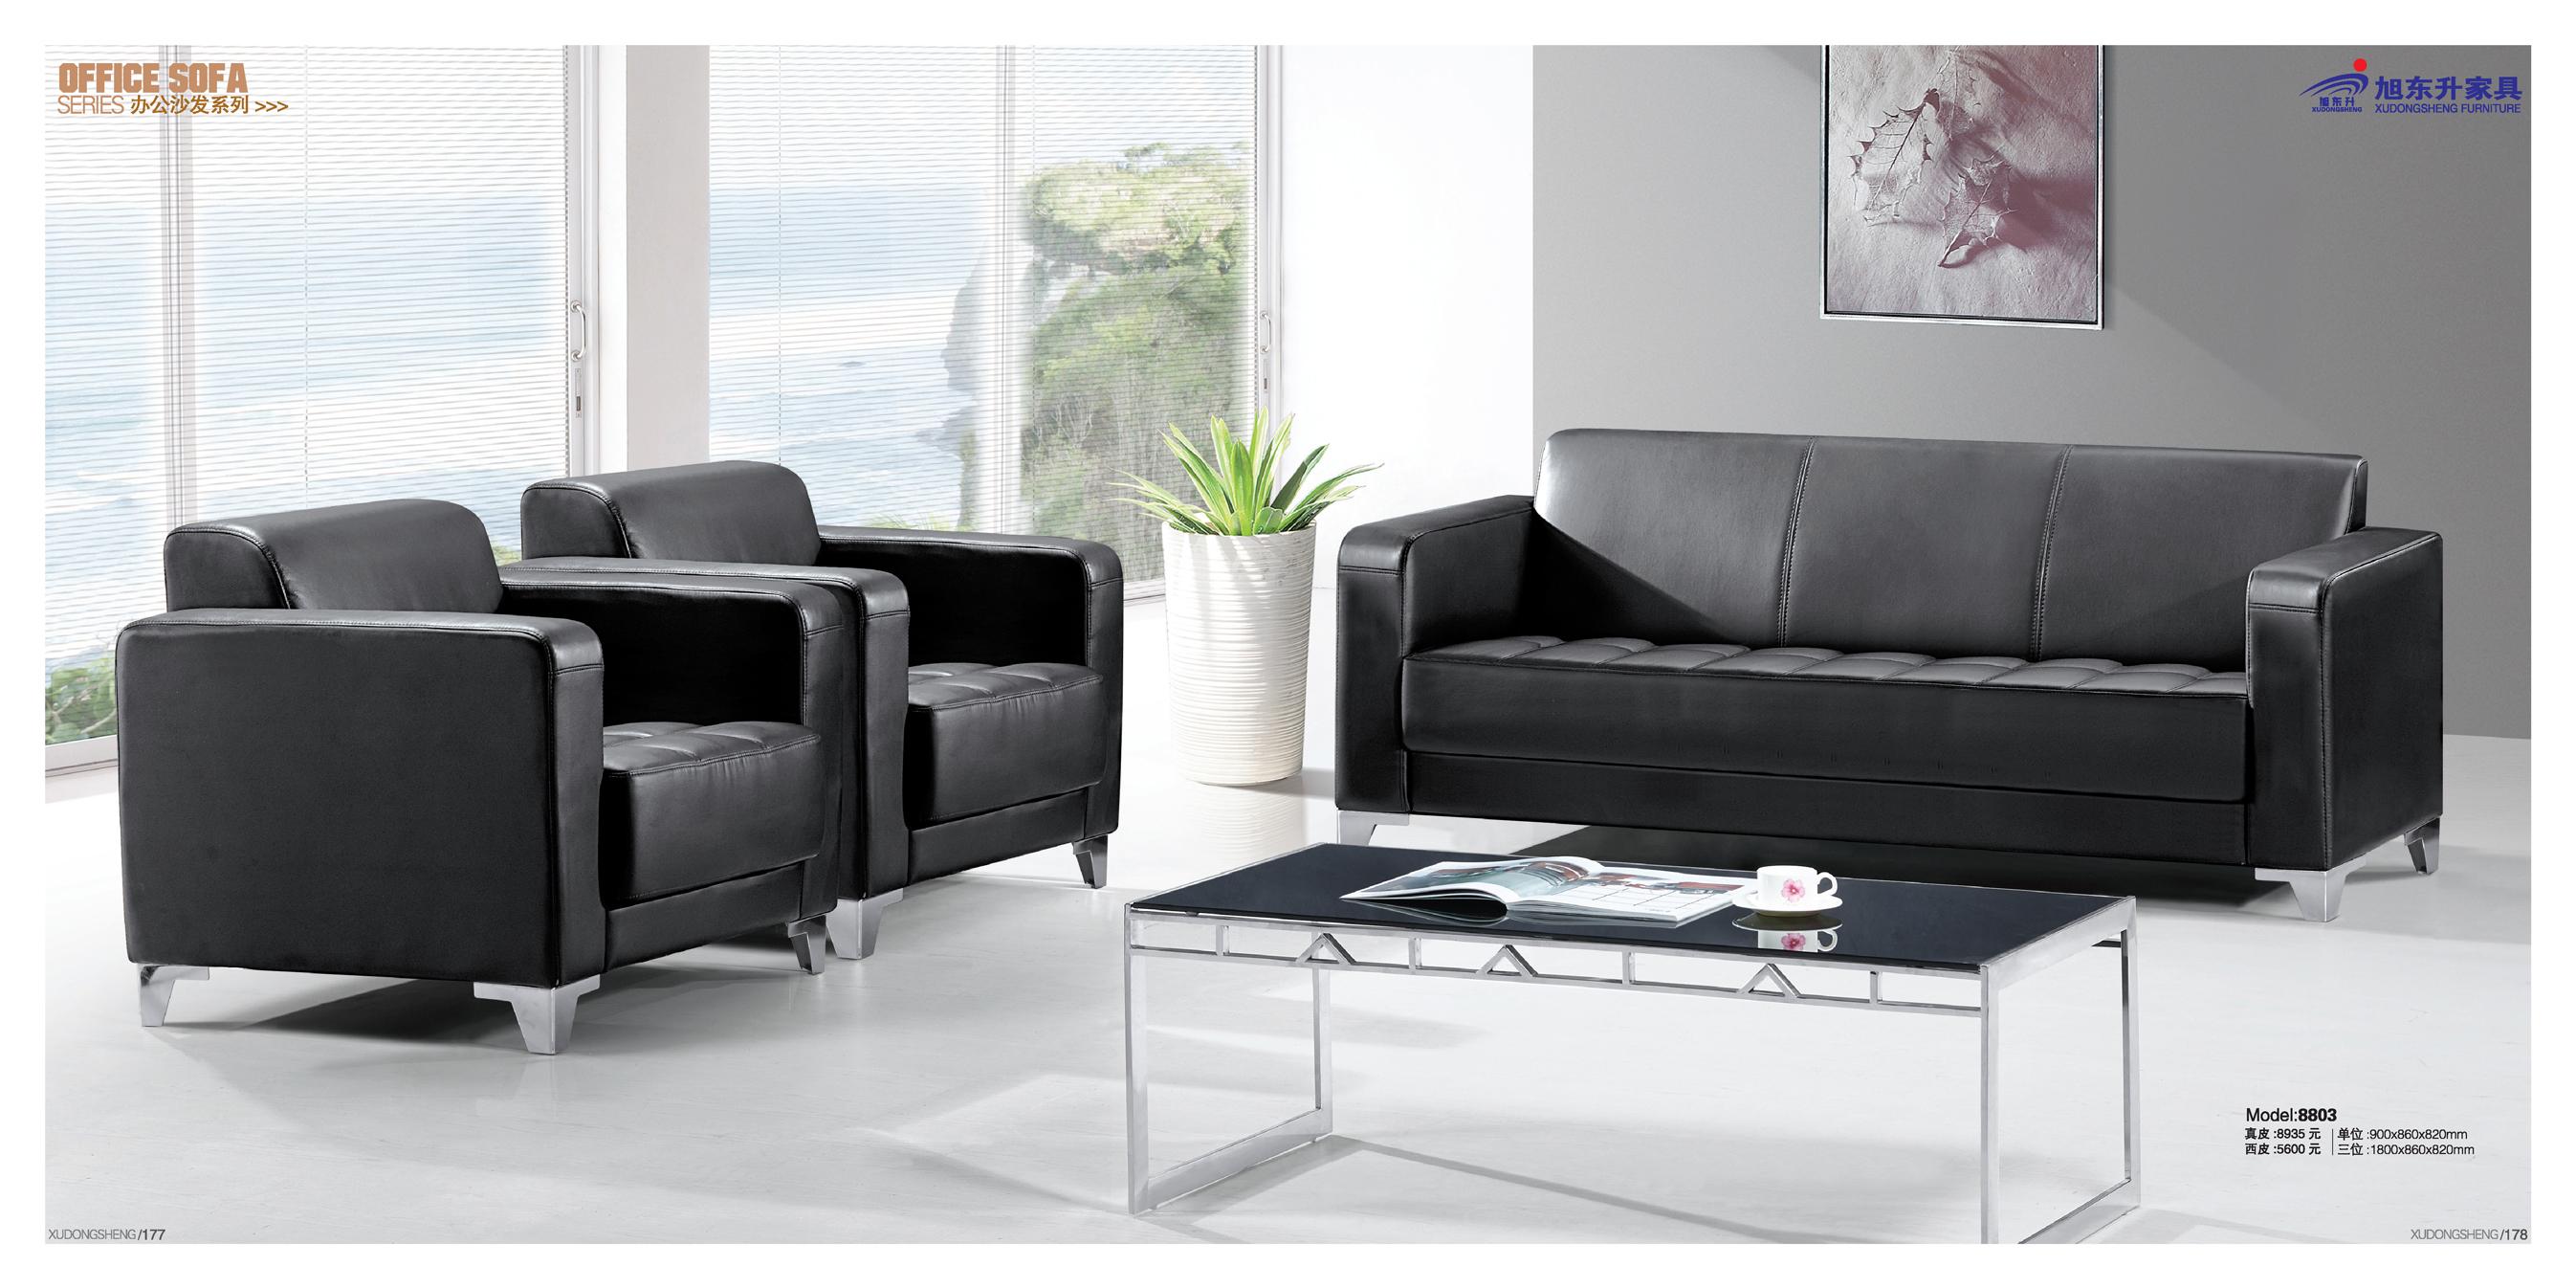 sofa văn phòng 8803